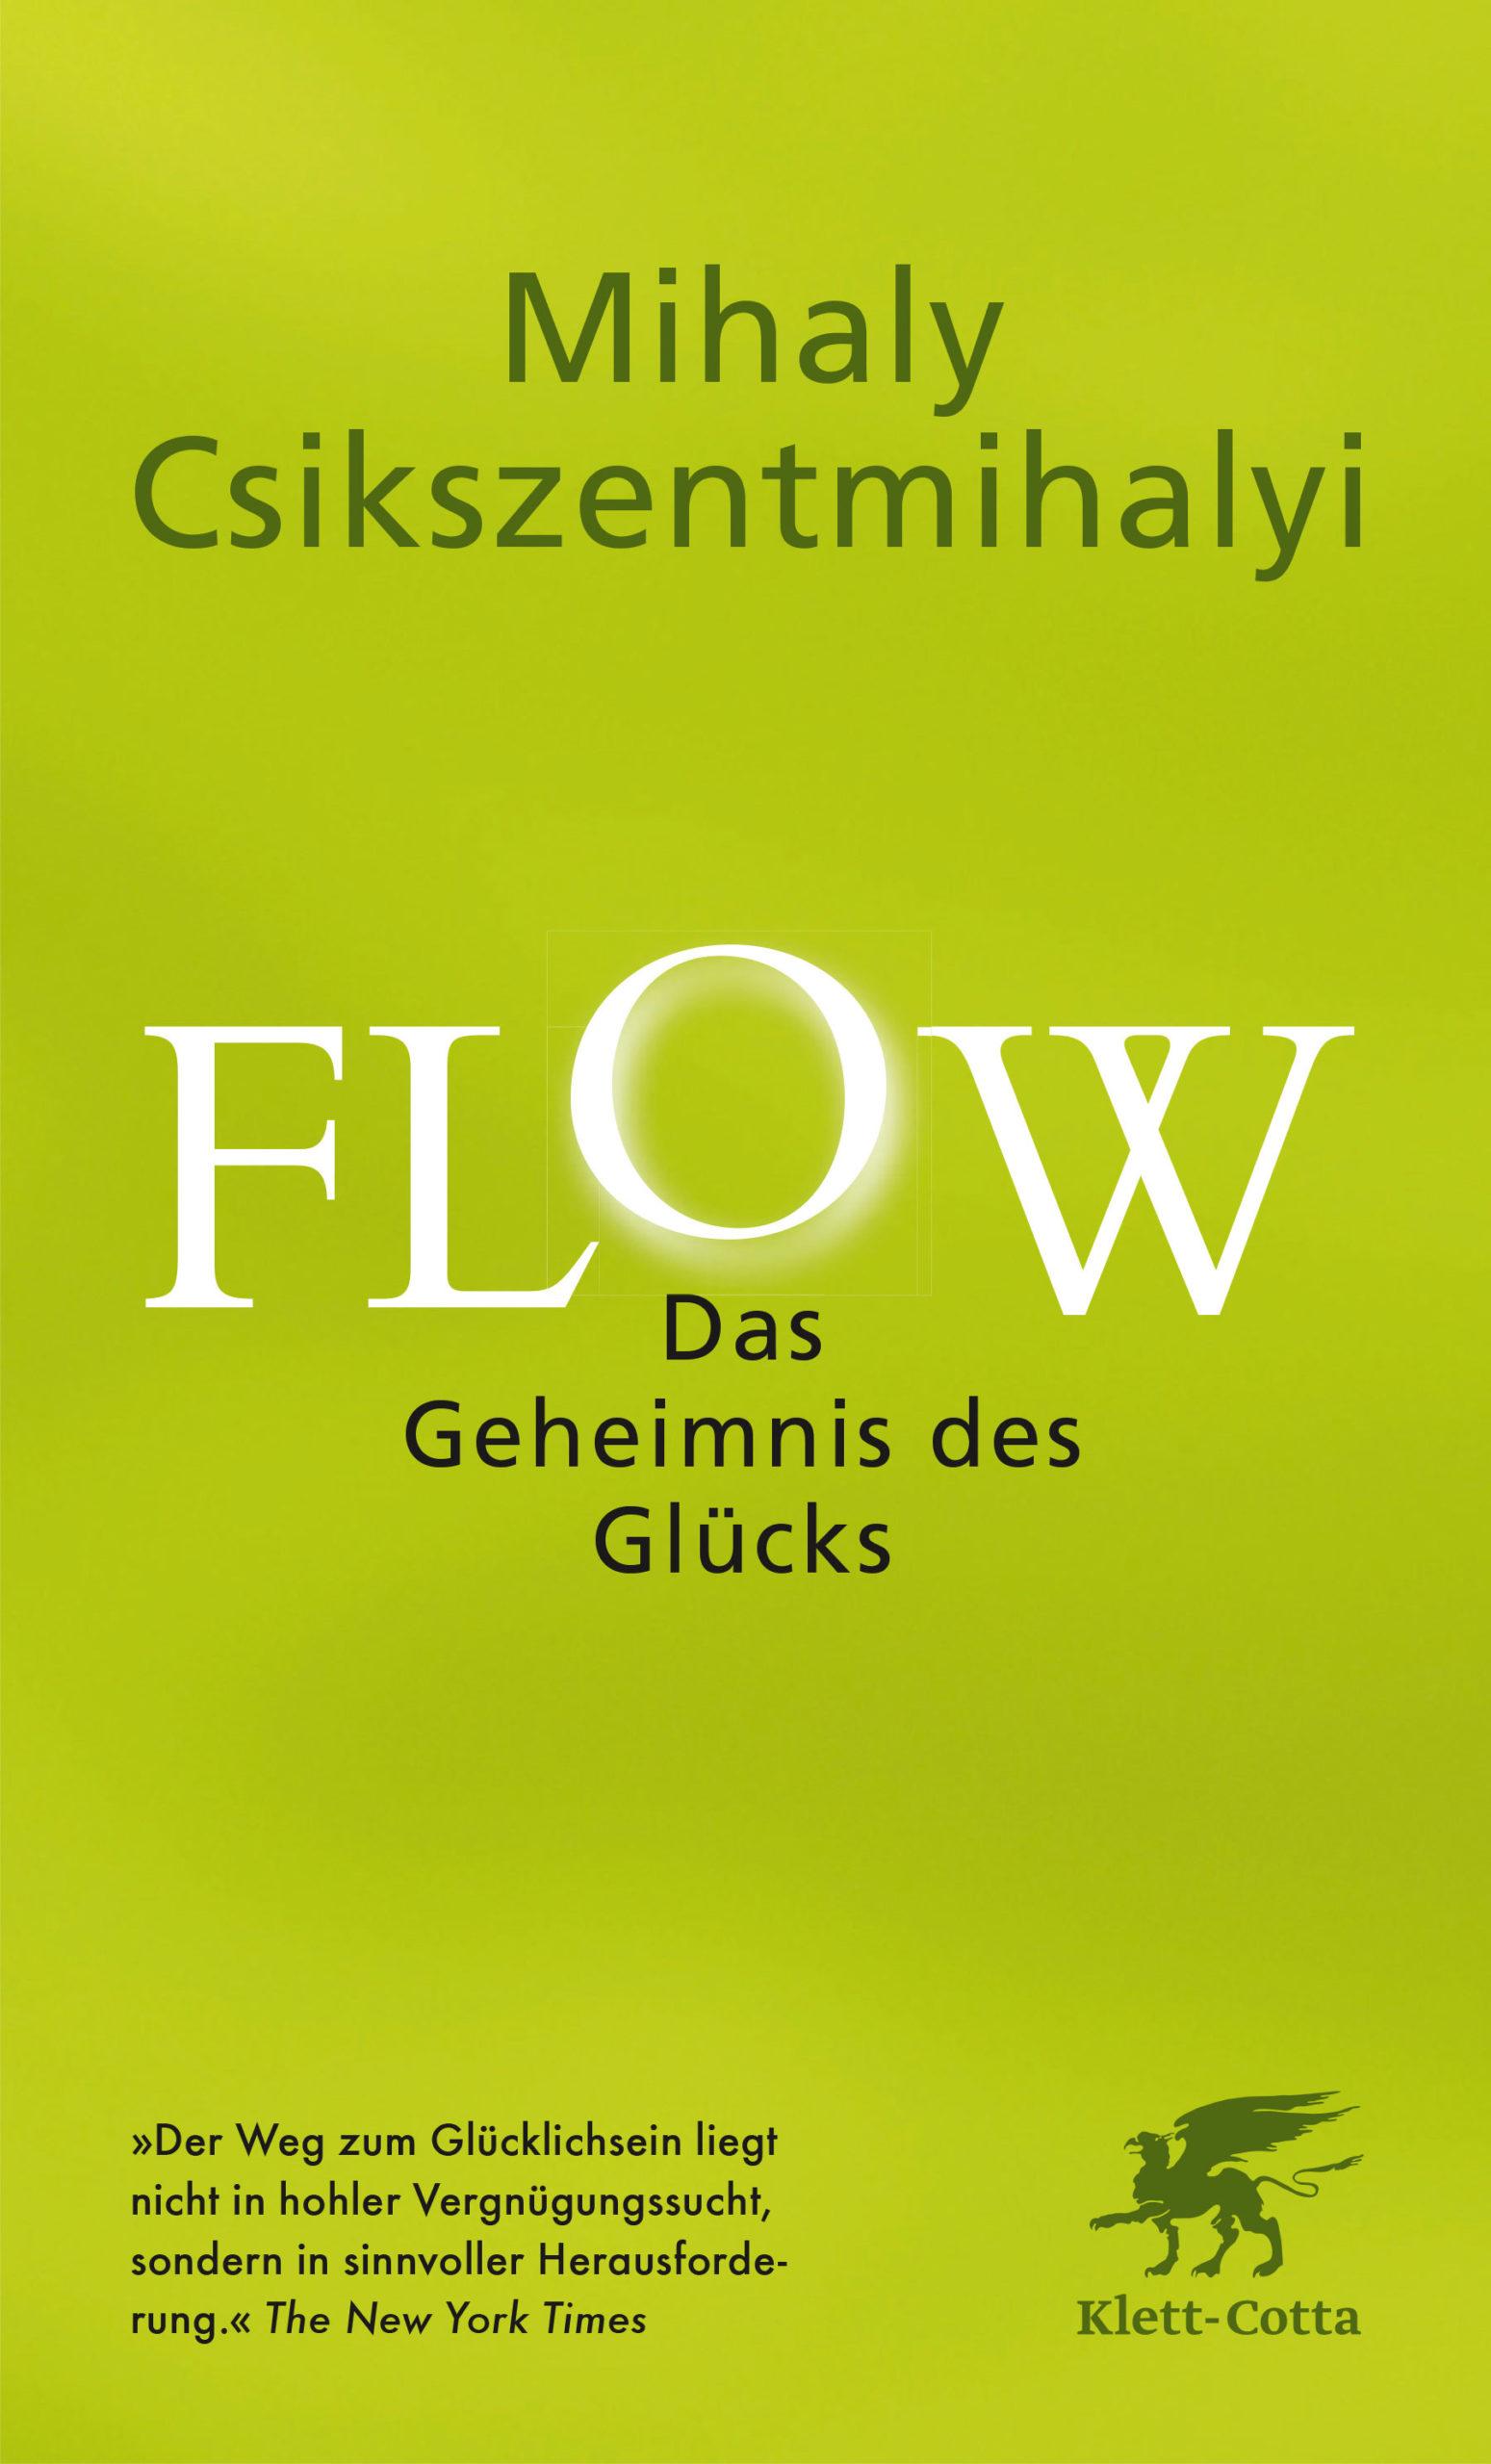 Flow, Csikszentmihalyi